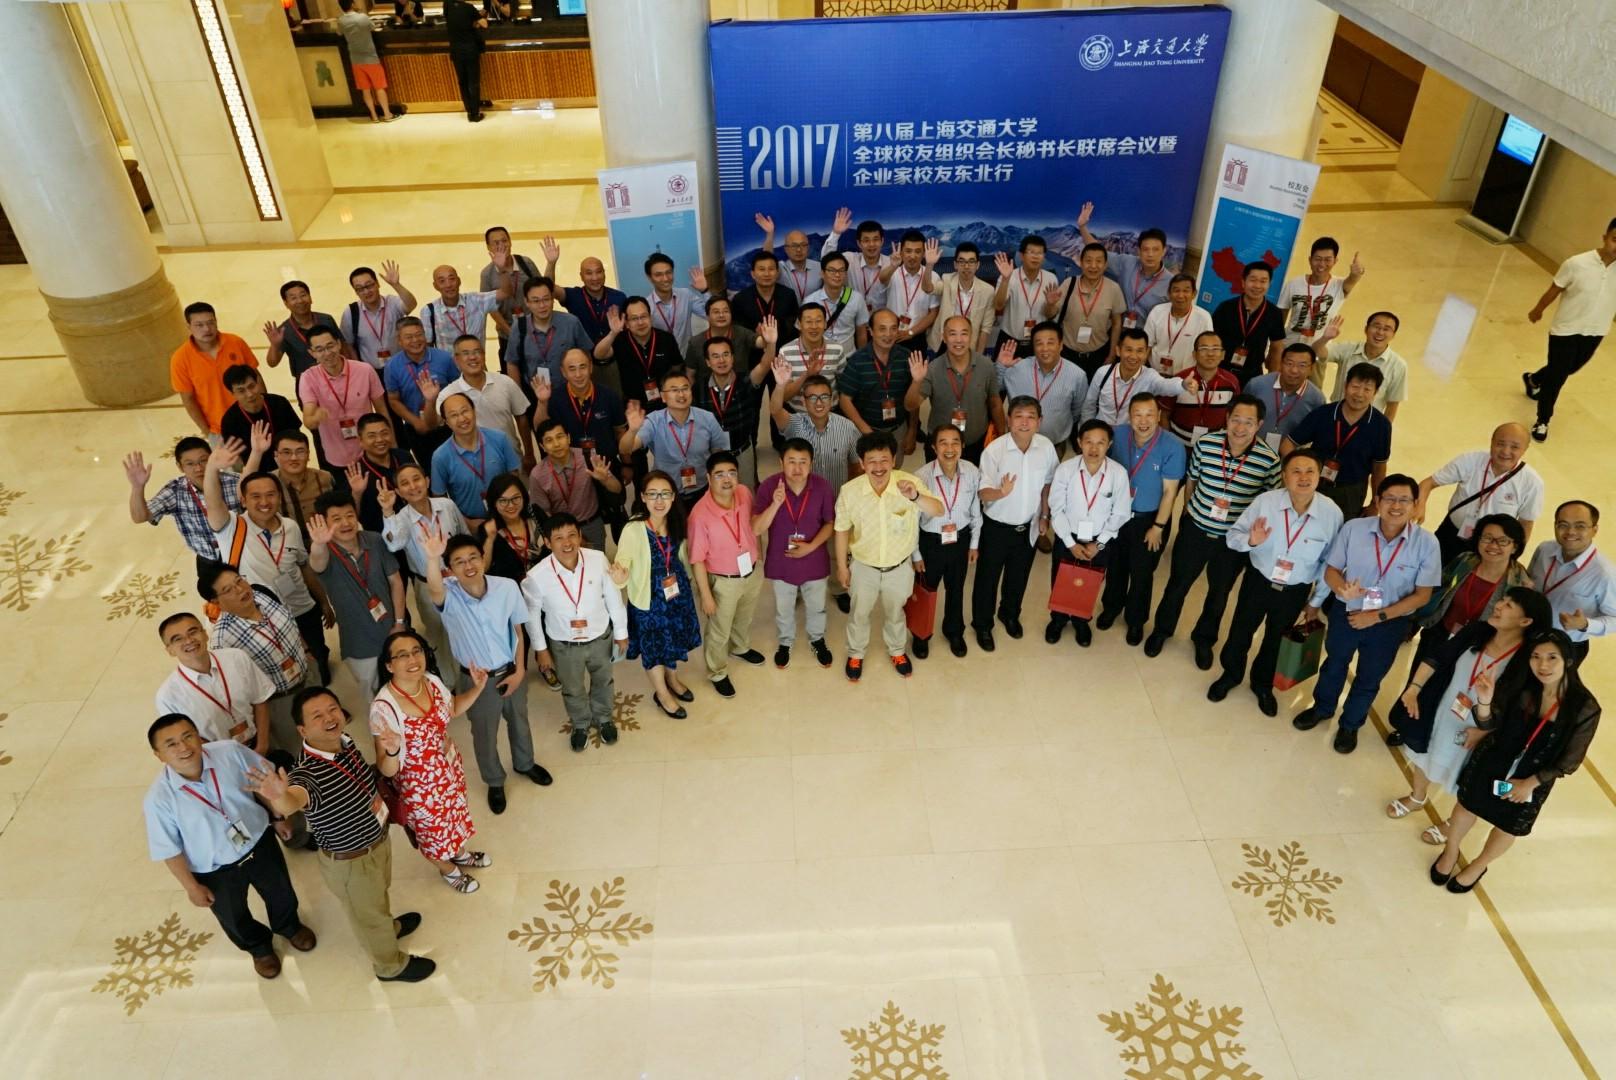 上海交通大学第八届全球校友会组织会长秘书长联席会议